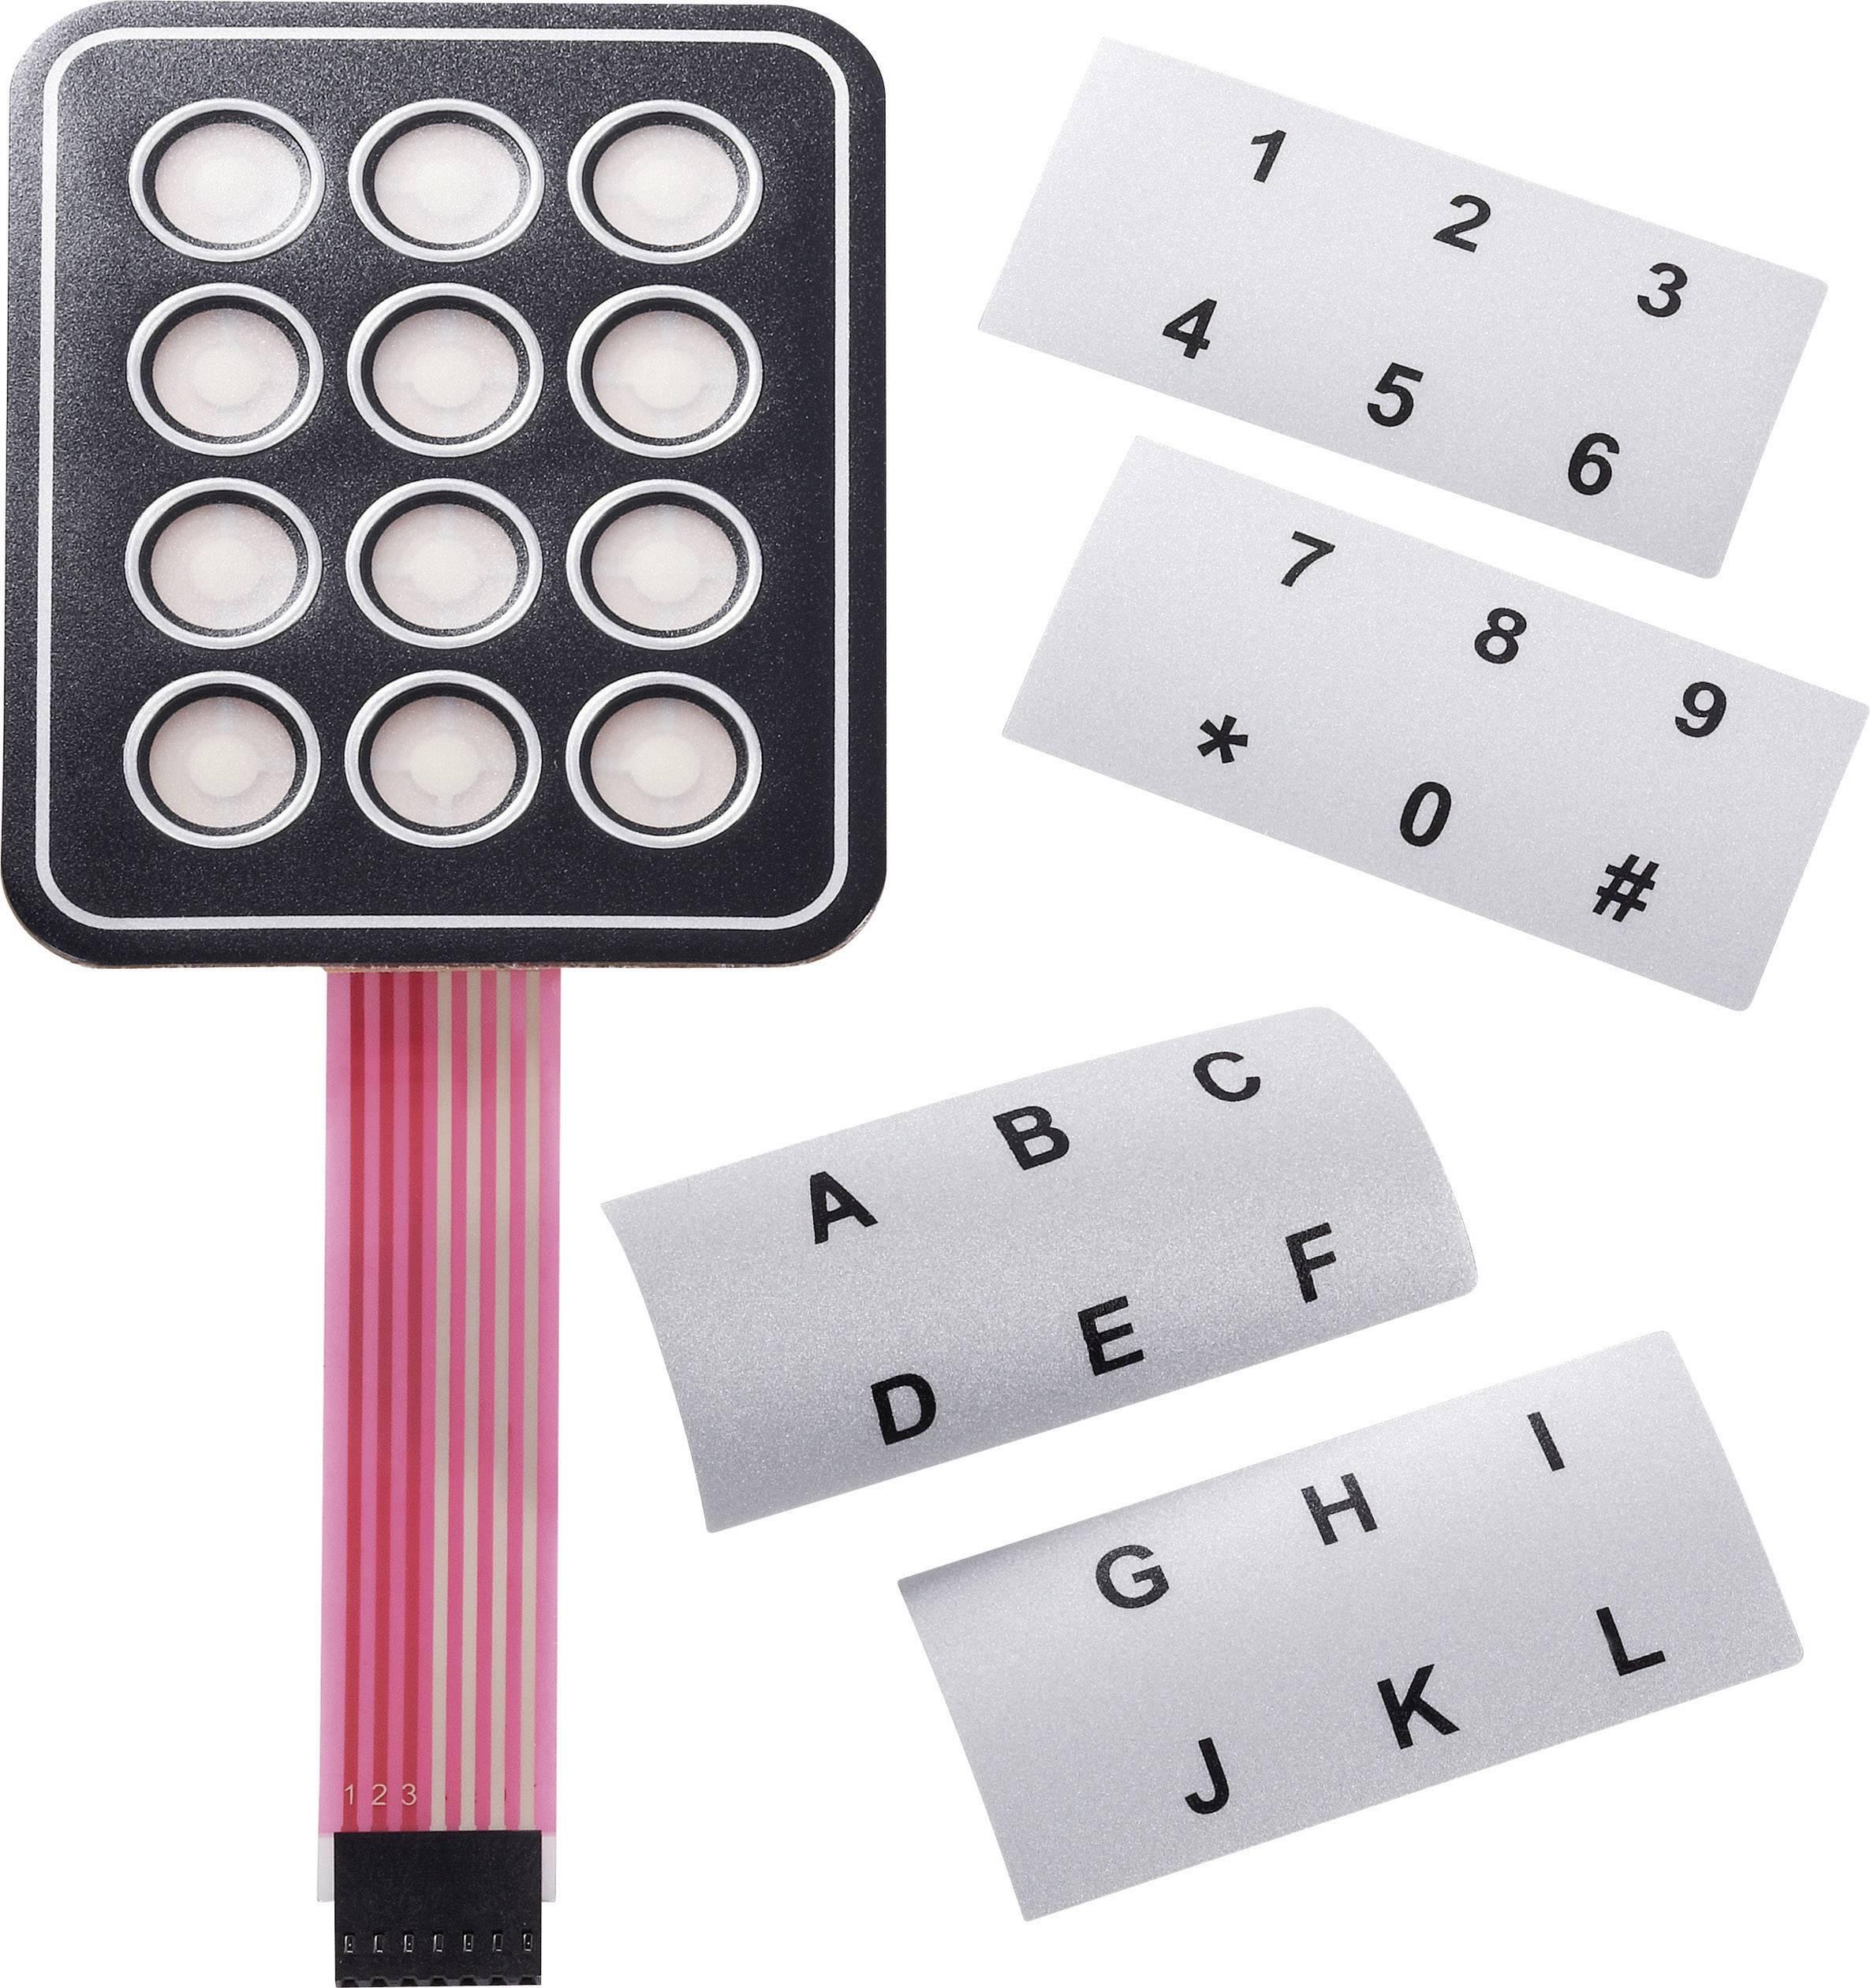 Fóliová klávesnica samolepiace, s popisnými prúžkami 4 x 4 APEM AC3535, 1 ks